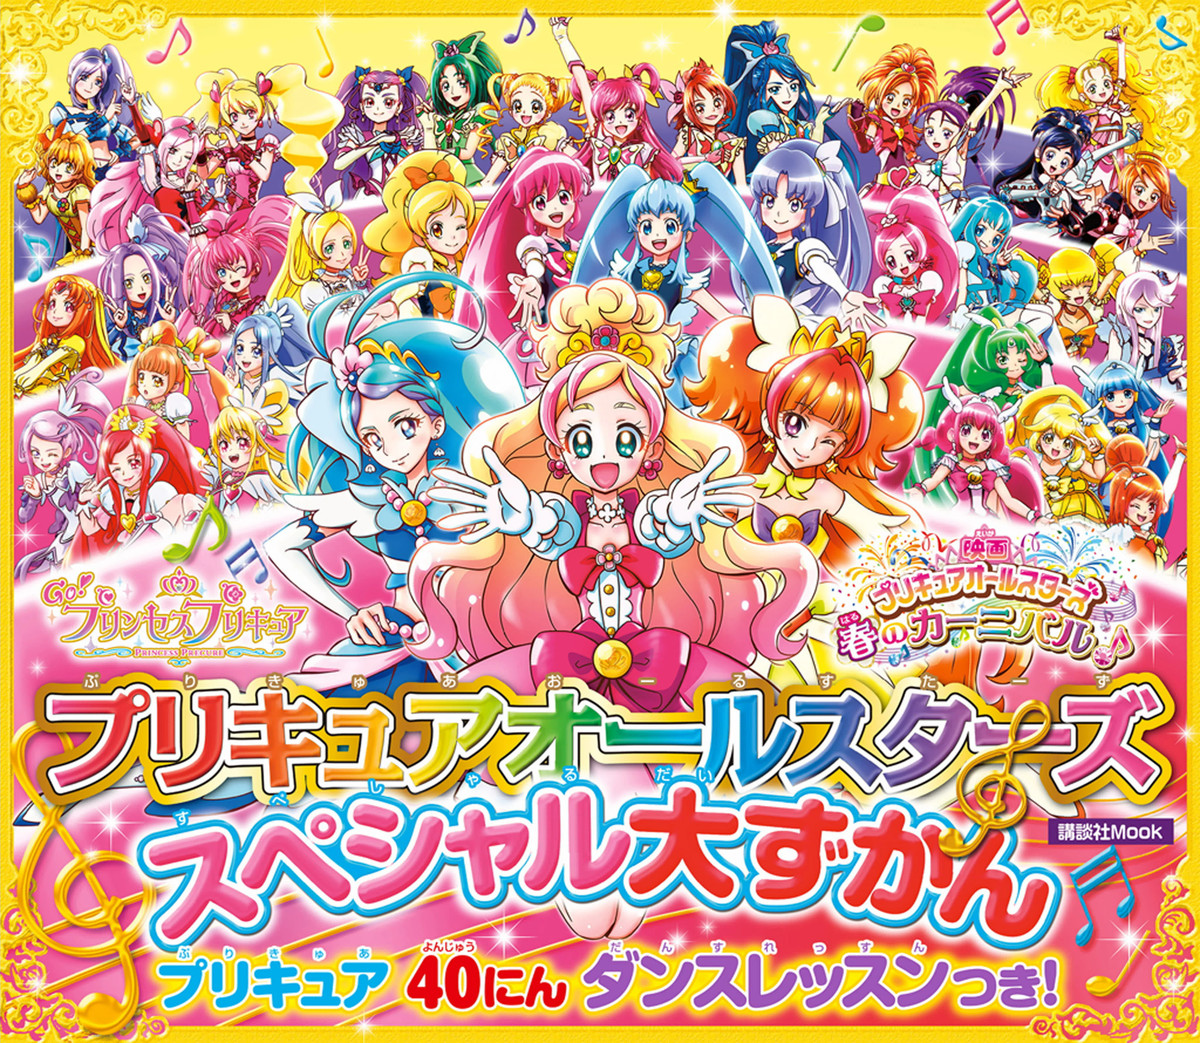 プリキュアオールスターズ スペシャル大ずかん プリキュア40人ダンス